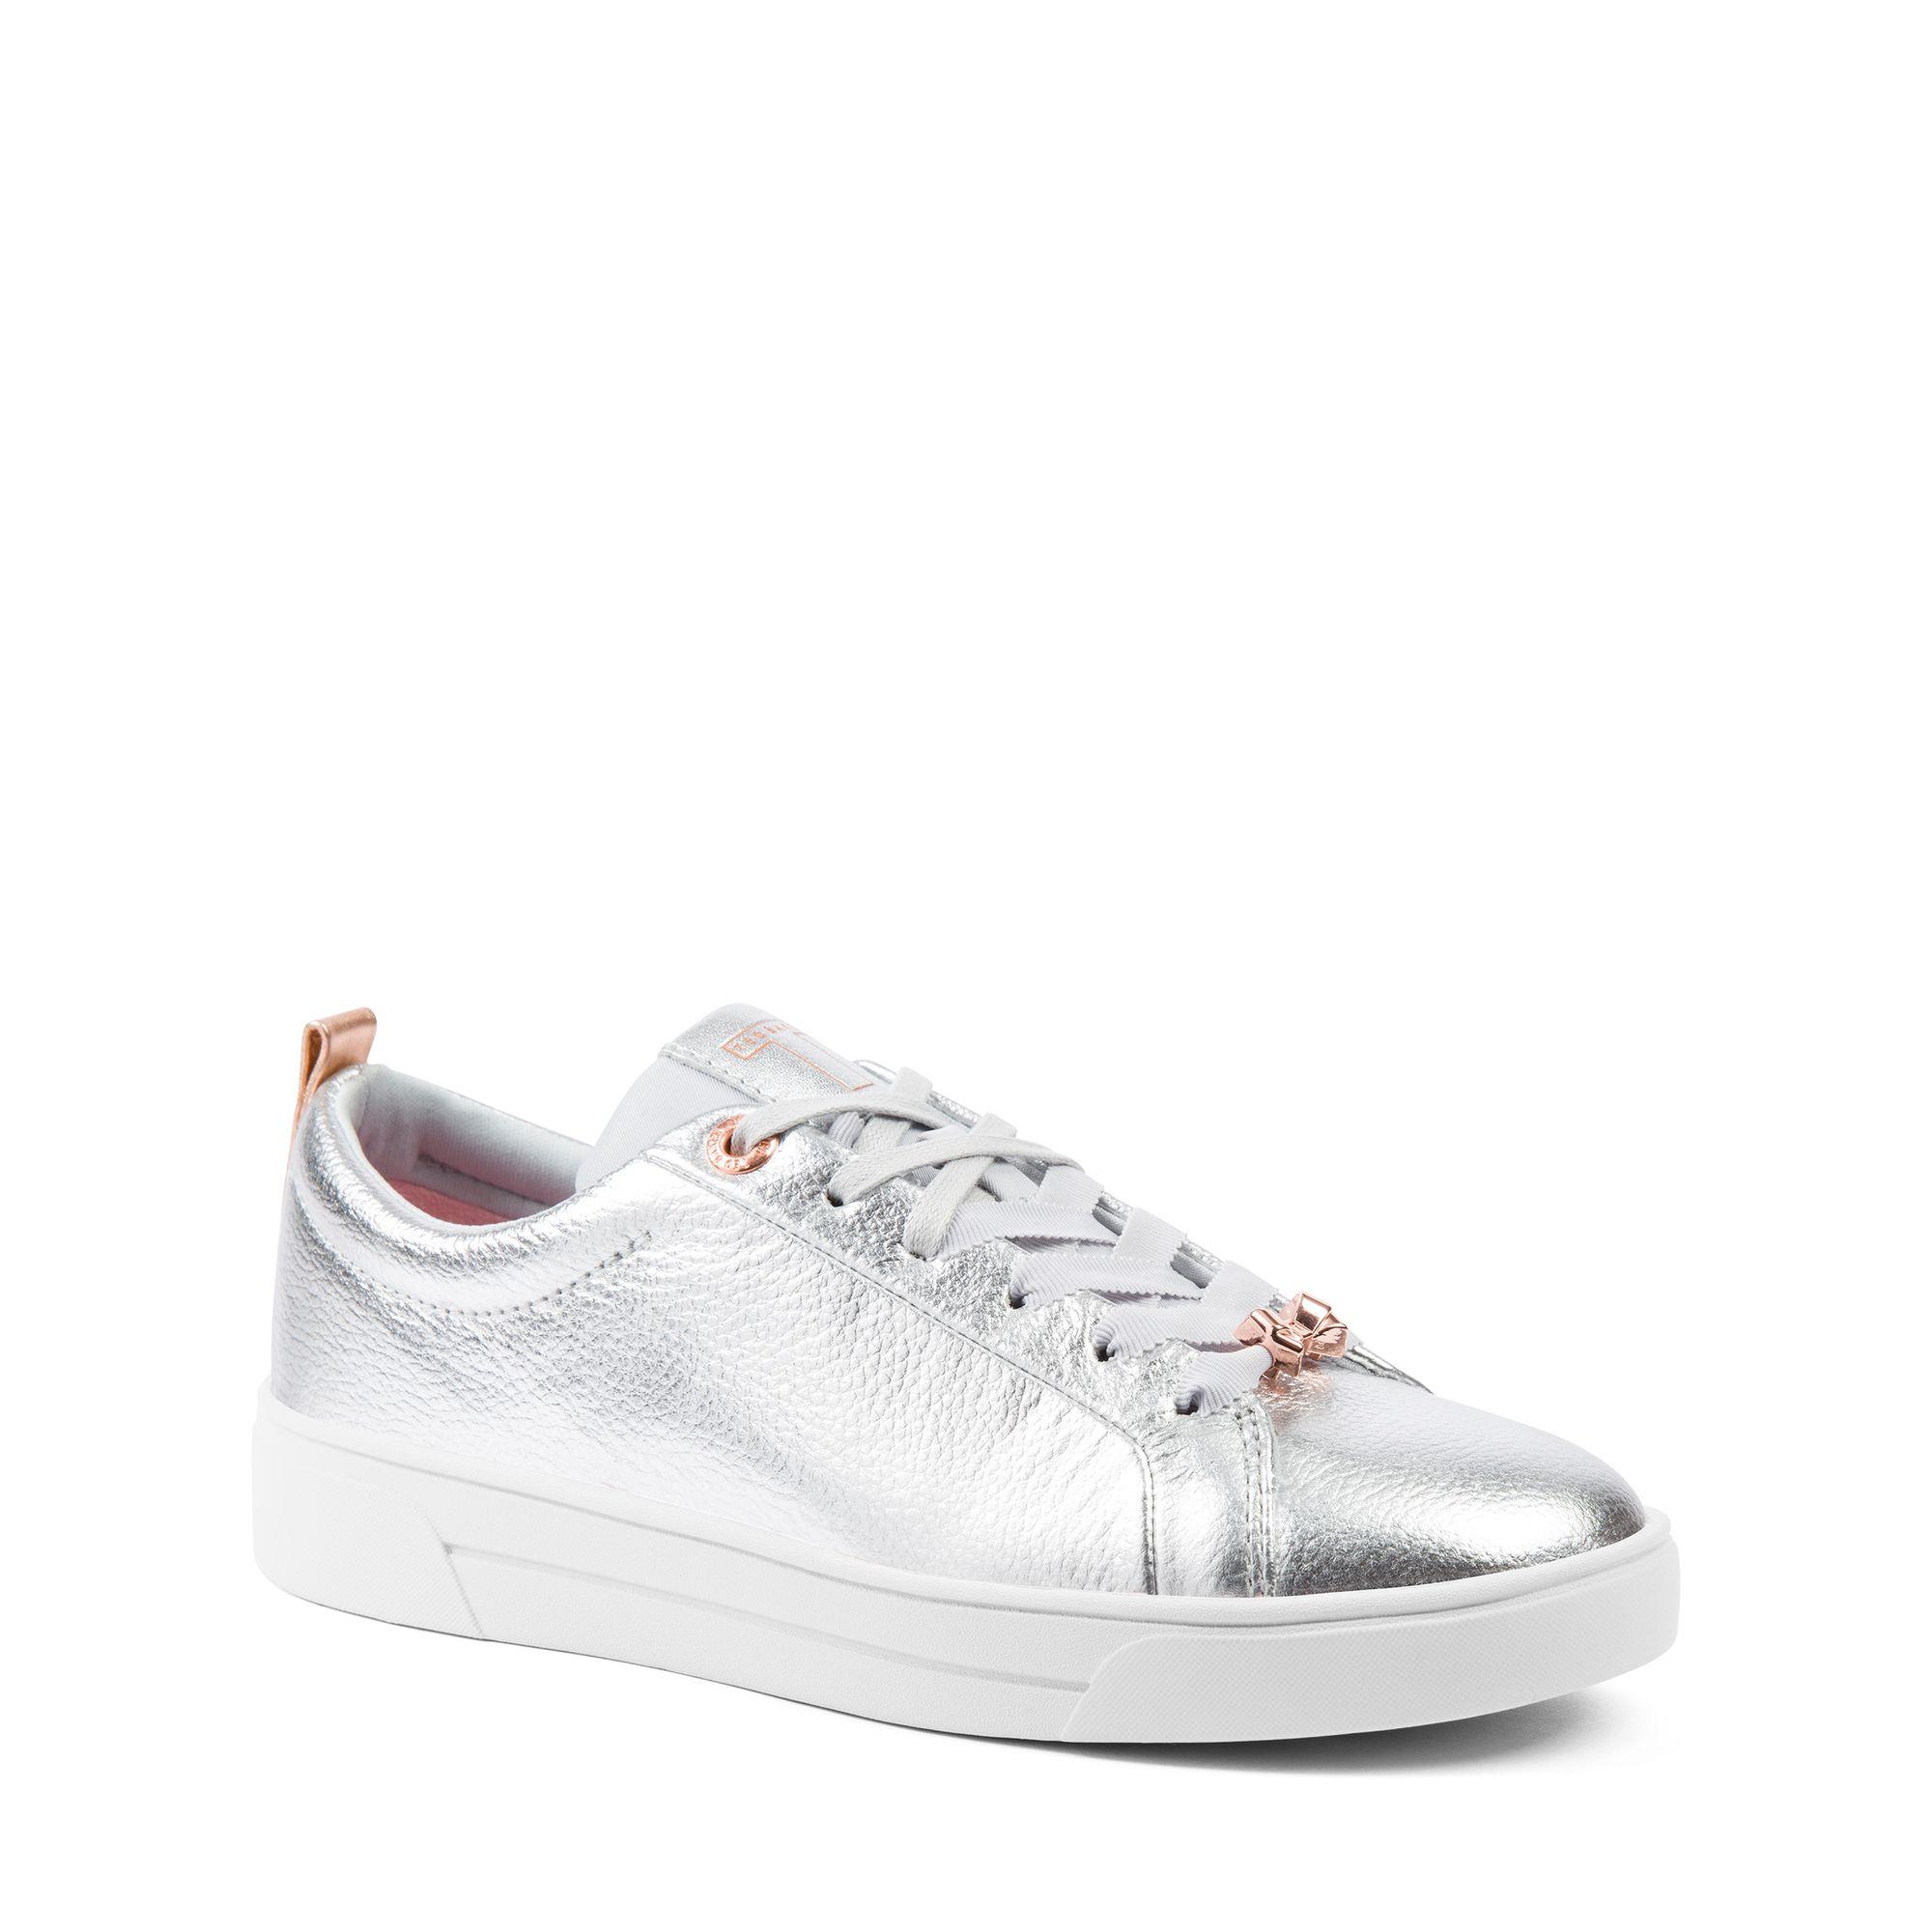 fb5be4a037c Rizzo Aida chunky sneakers i mocka/skinn, Leopard, 39 | Damskor